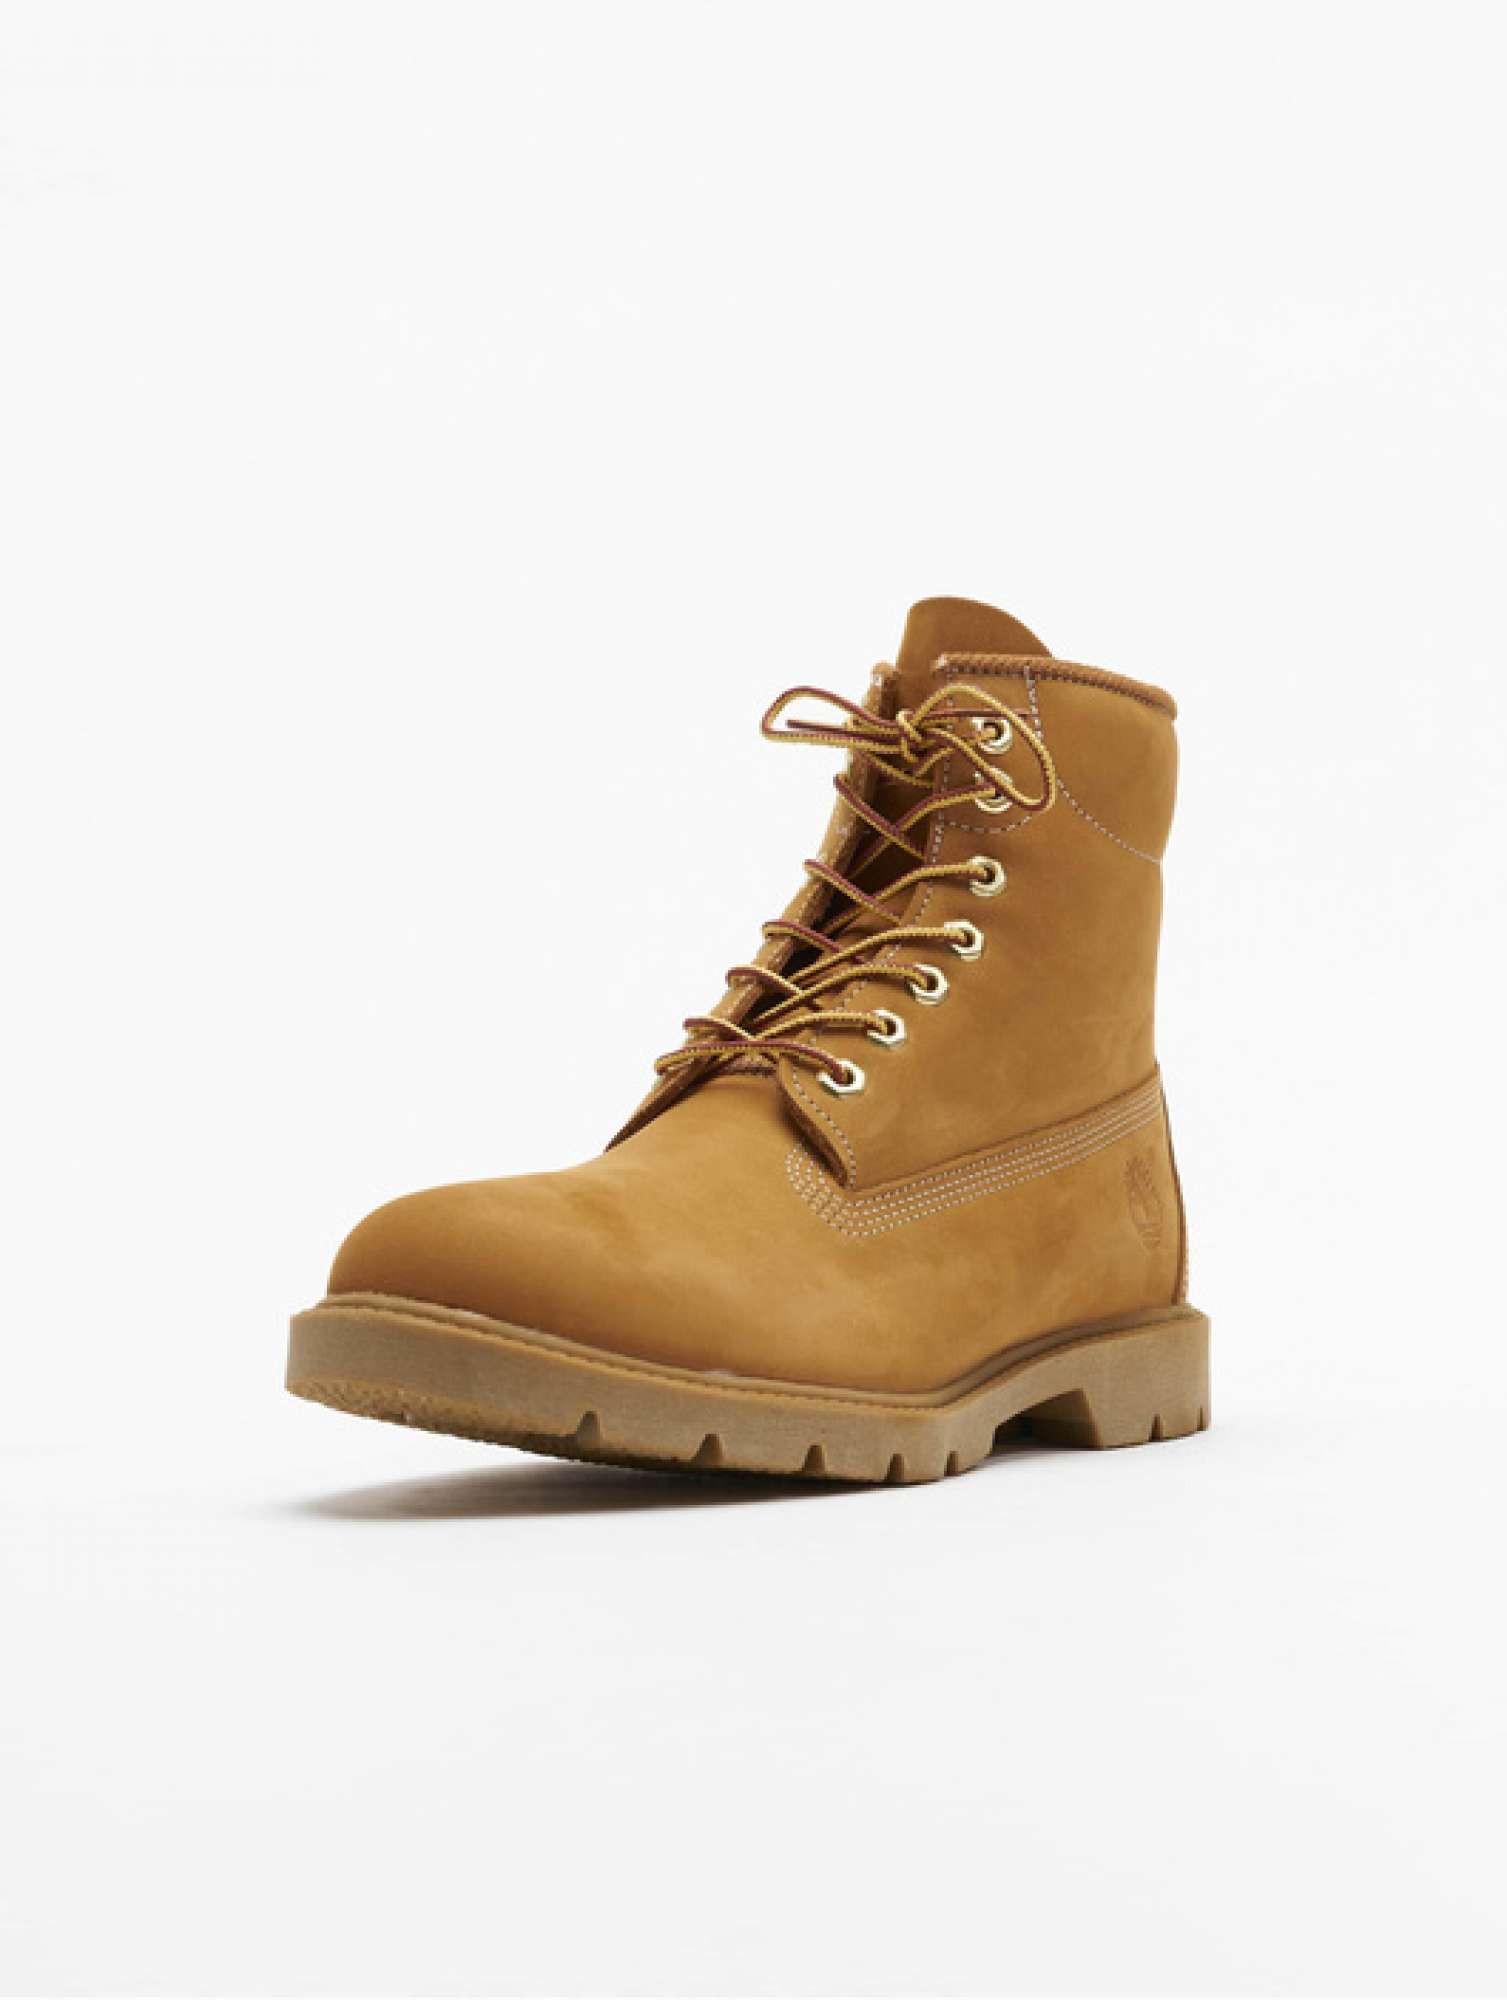 Gele Heren Timberland Boots online kopen? Vergelijk op